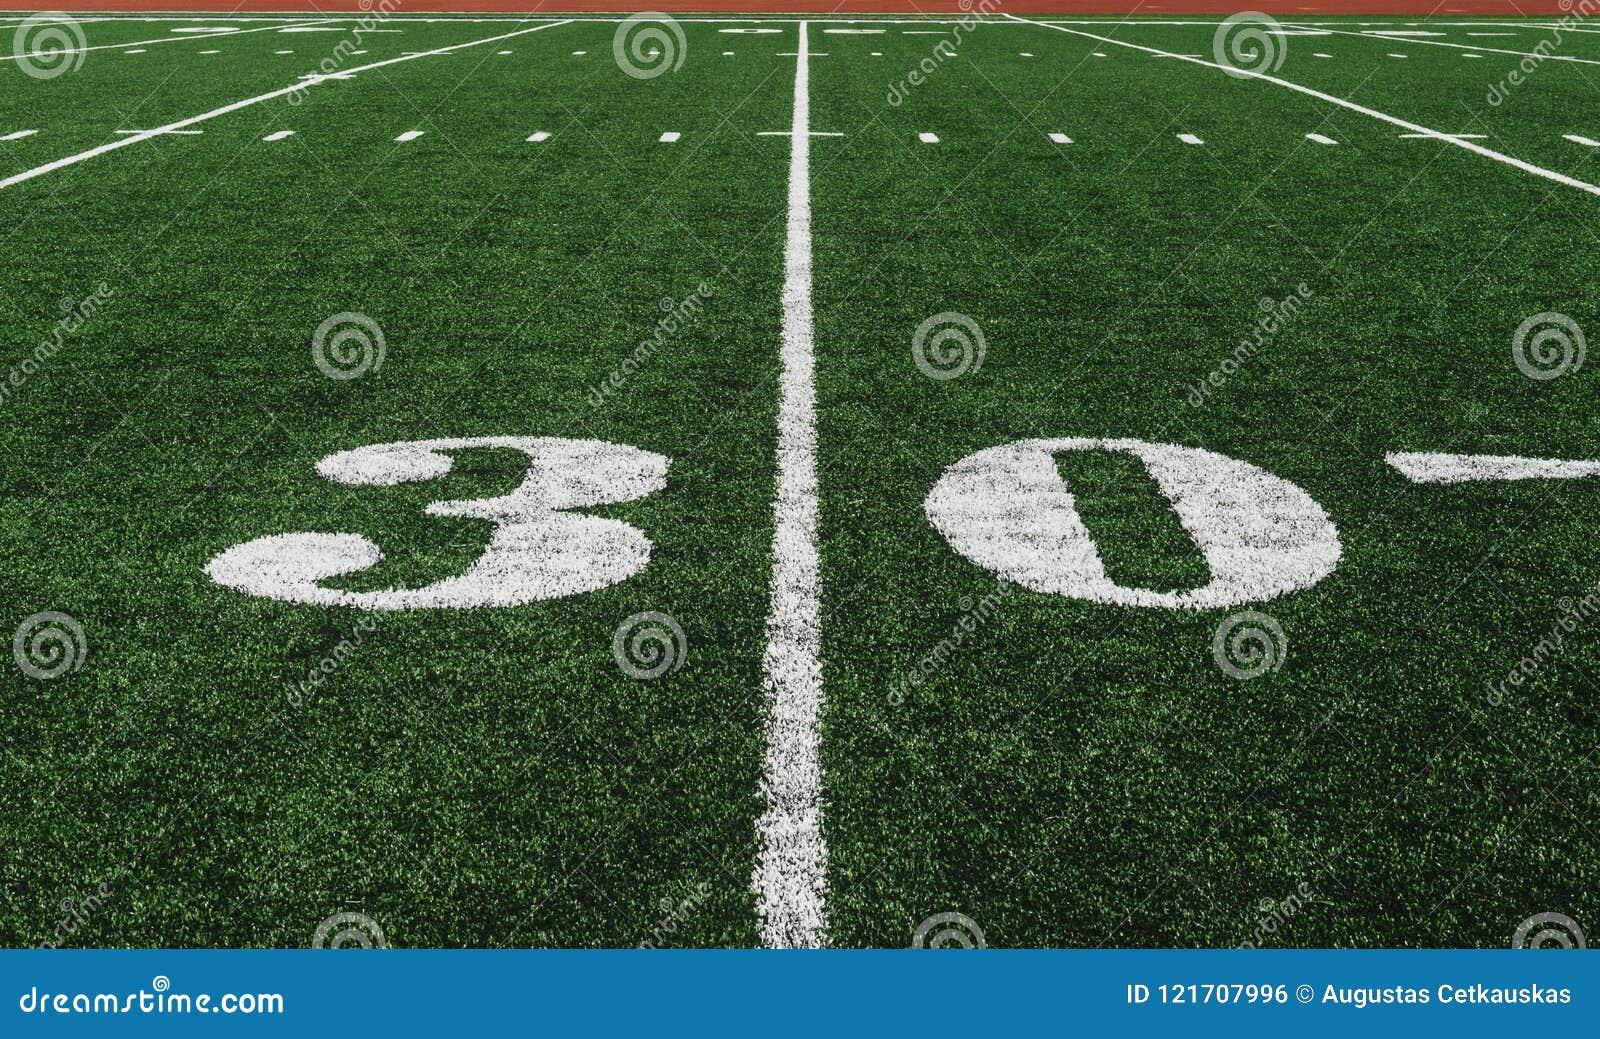 Ligne du yard 30 sur la zone de football américain